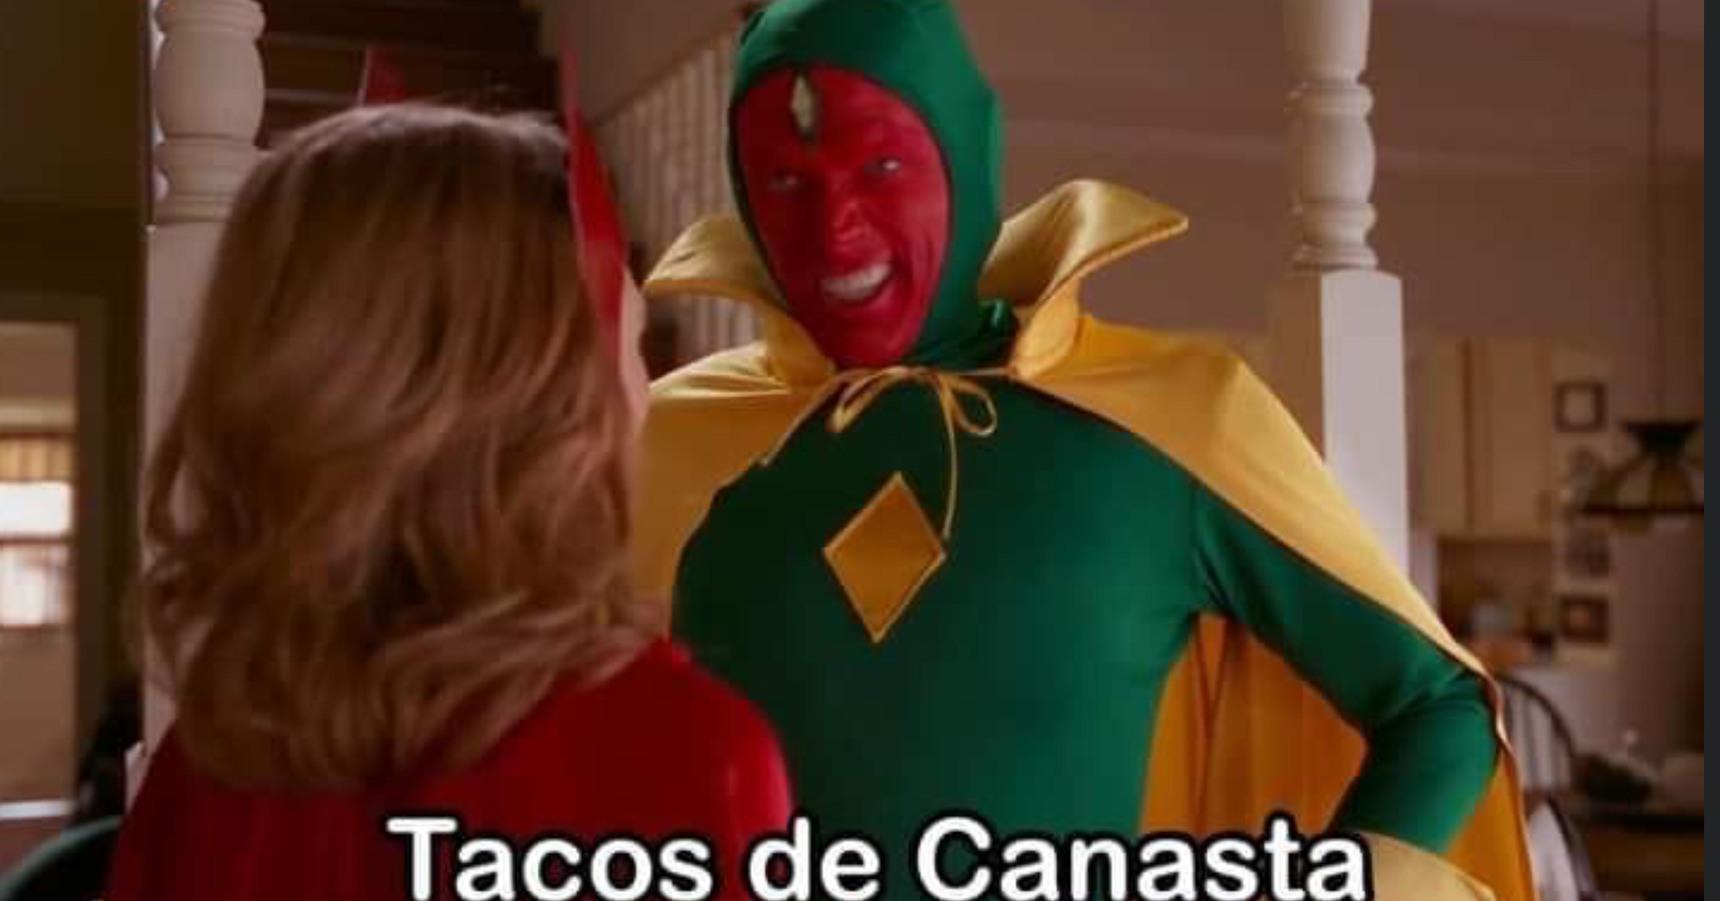 Tacos de canasta - meme